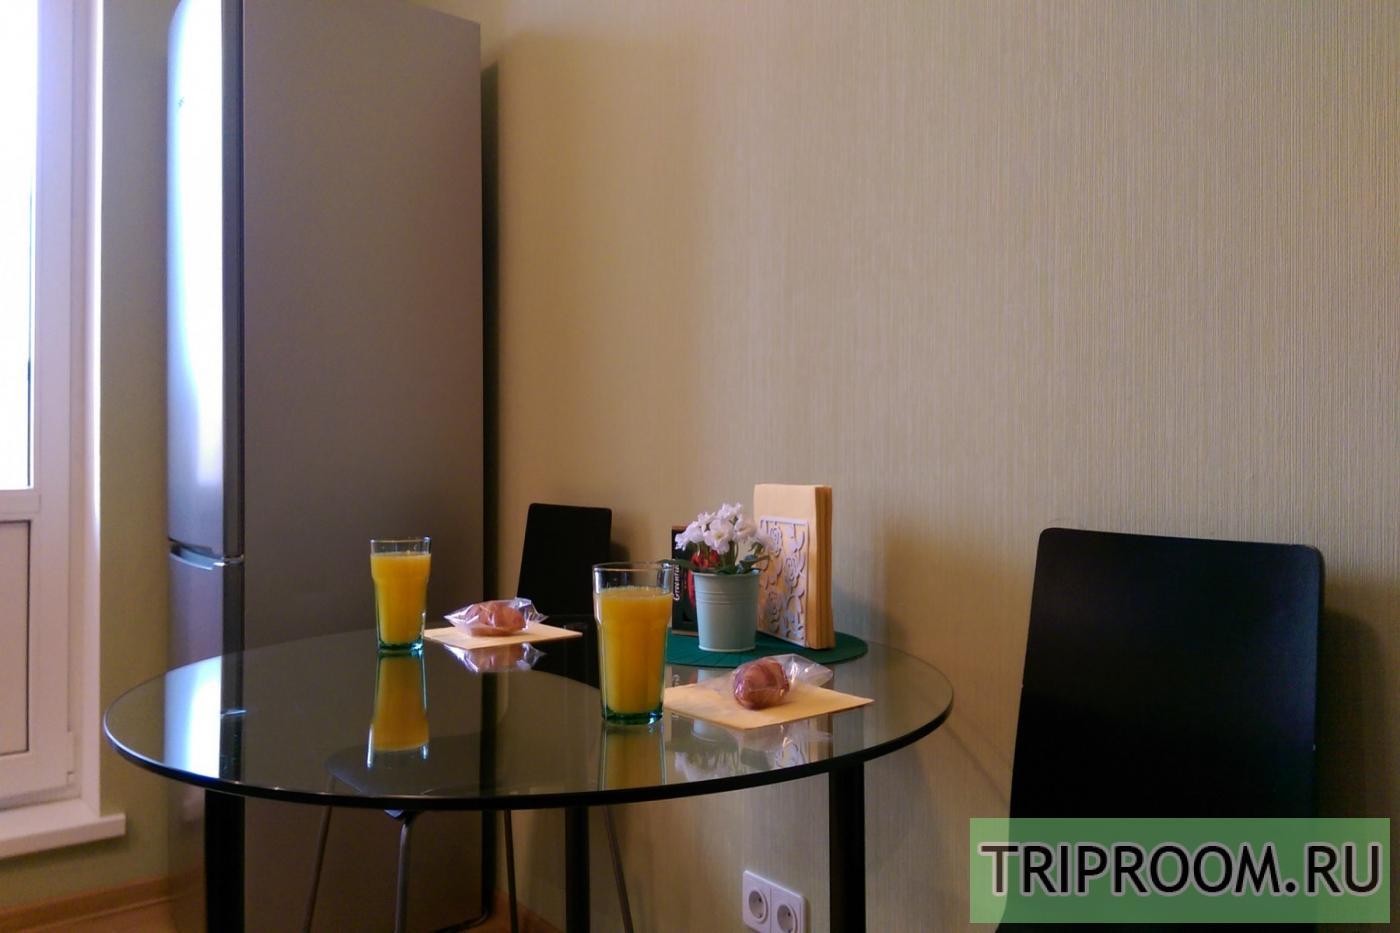 1-комнатная квартира посуточно (вариант № 31560), ул. Гжатская улица, фото № 5